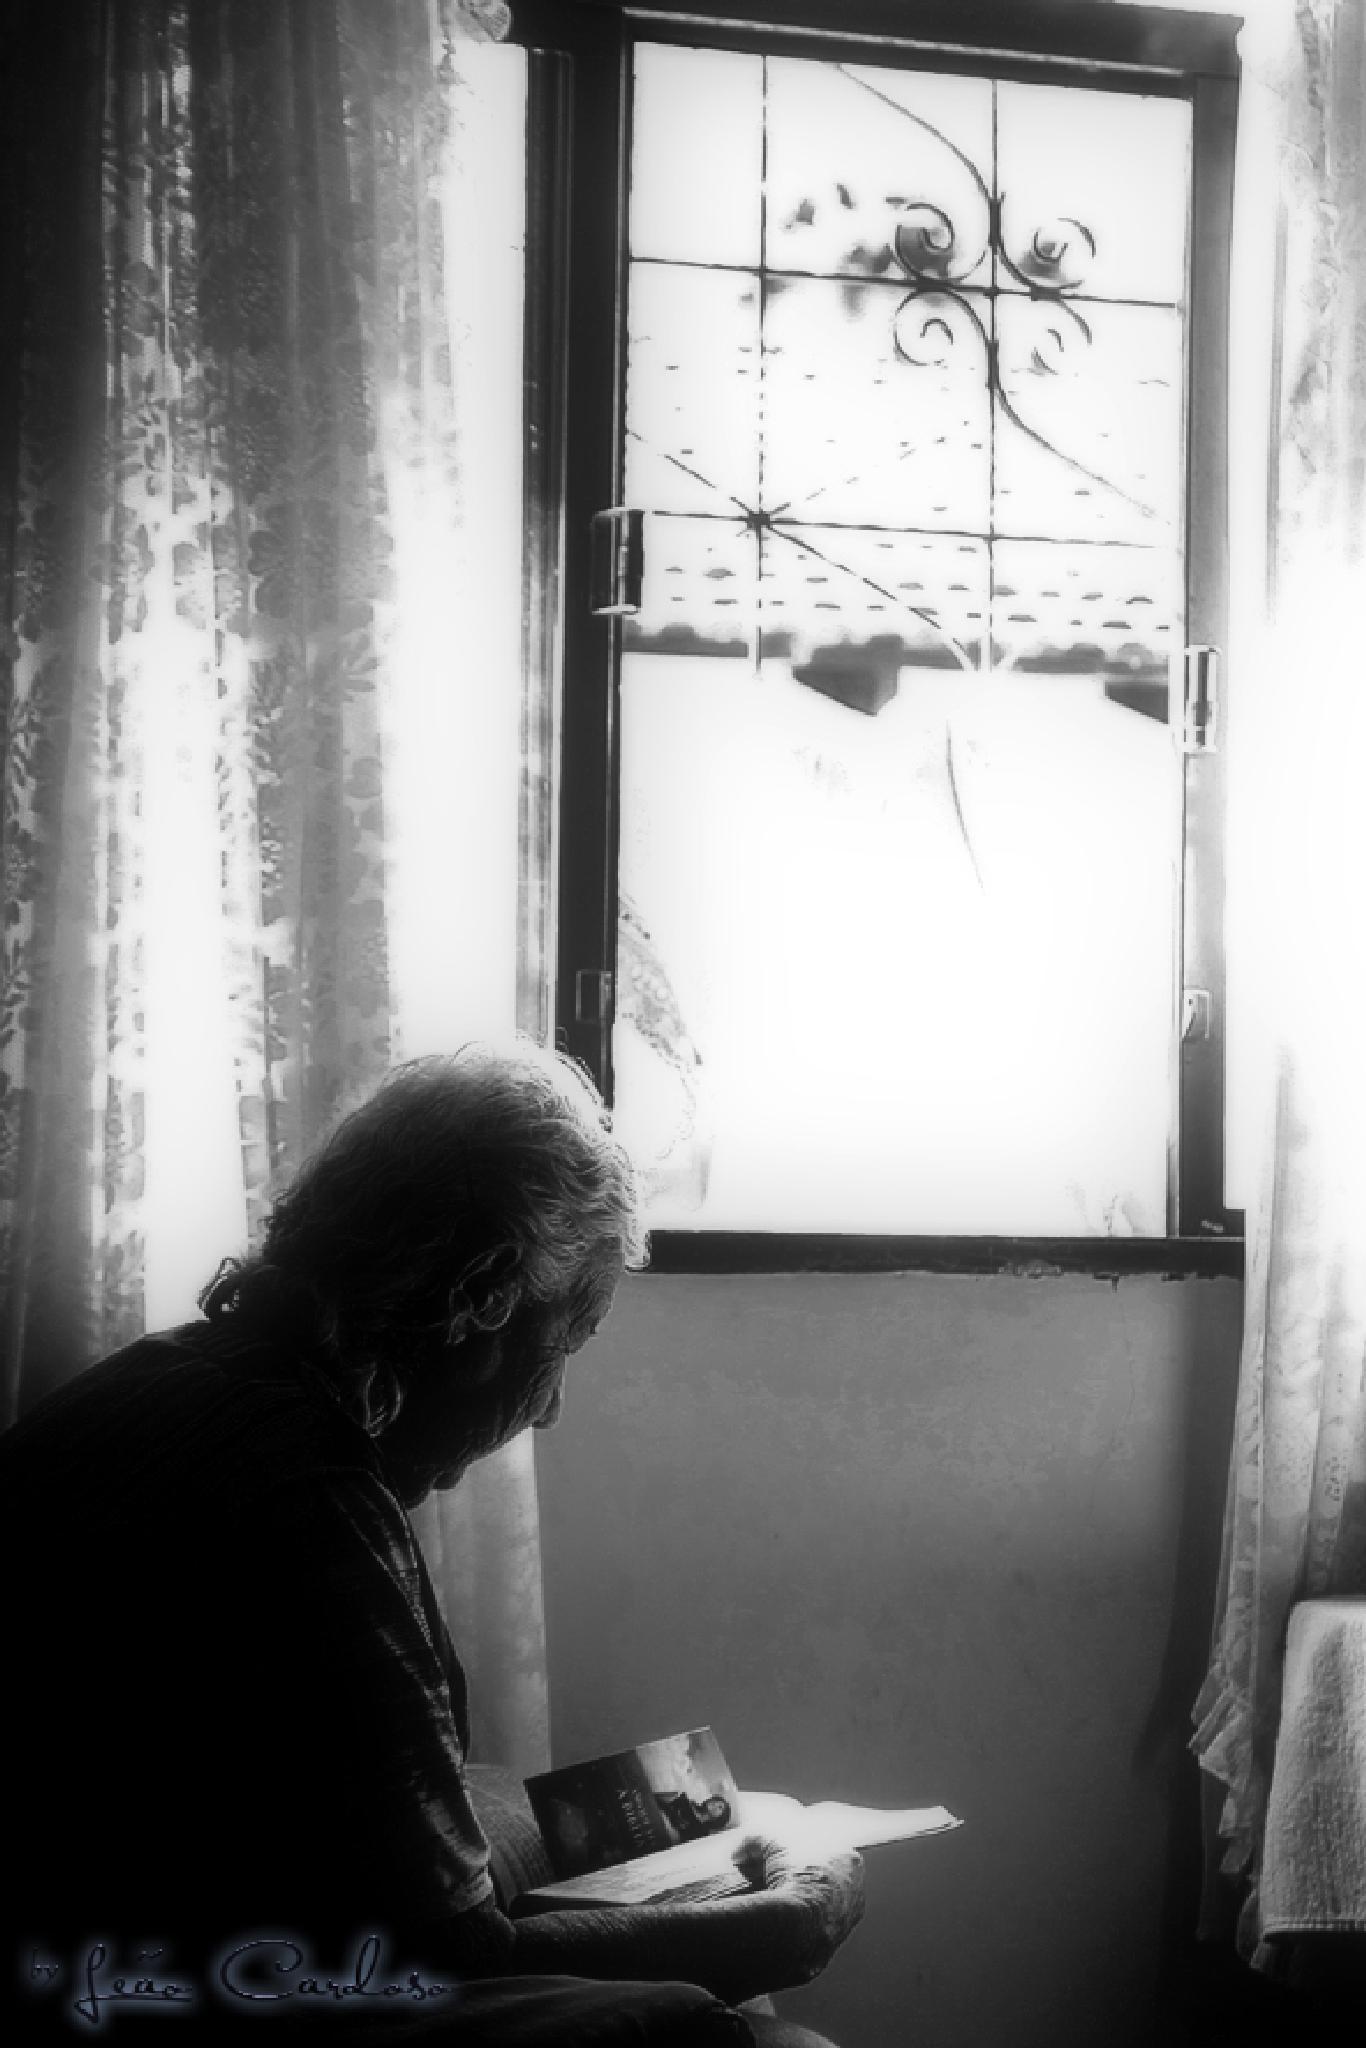 Conversando com DEUS by leao.cardoso